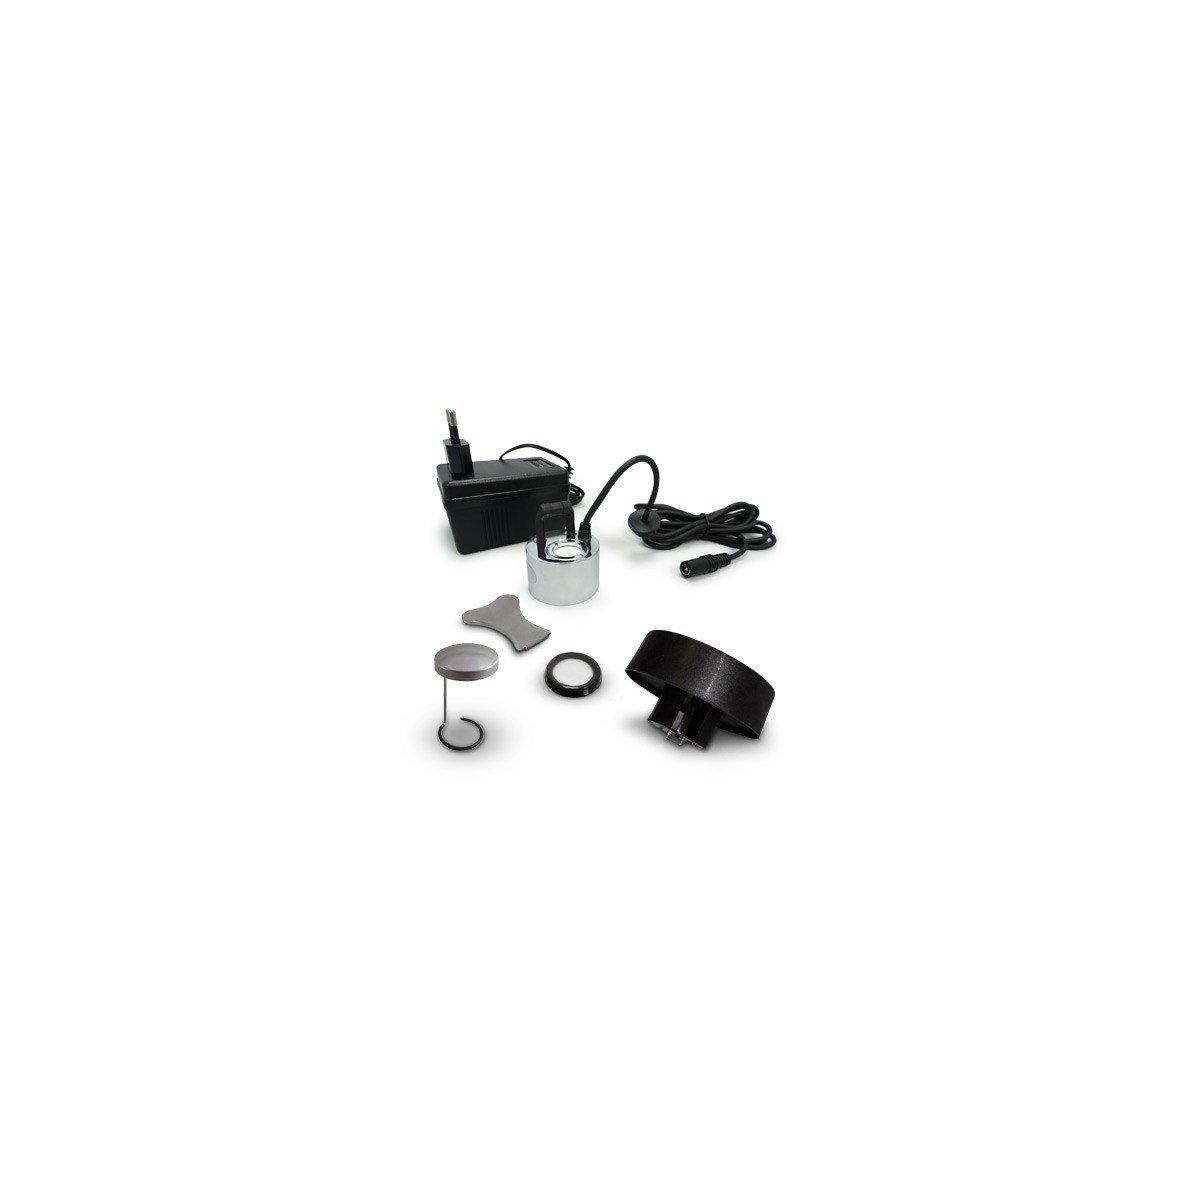 Pack Mist Maker 1 cellule - Rodwin Electronics FLORATECK